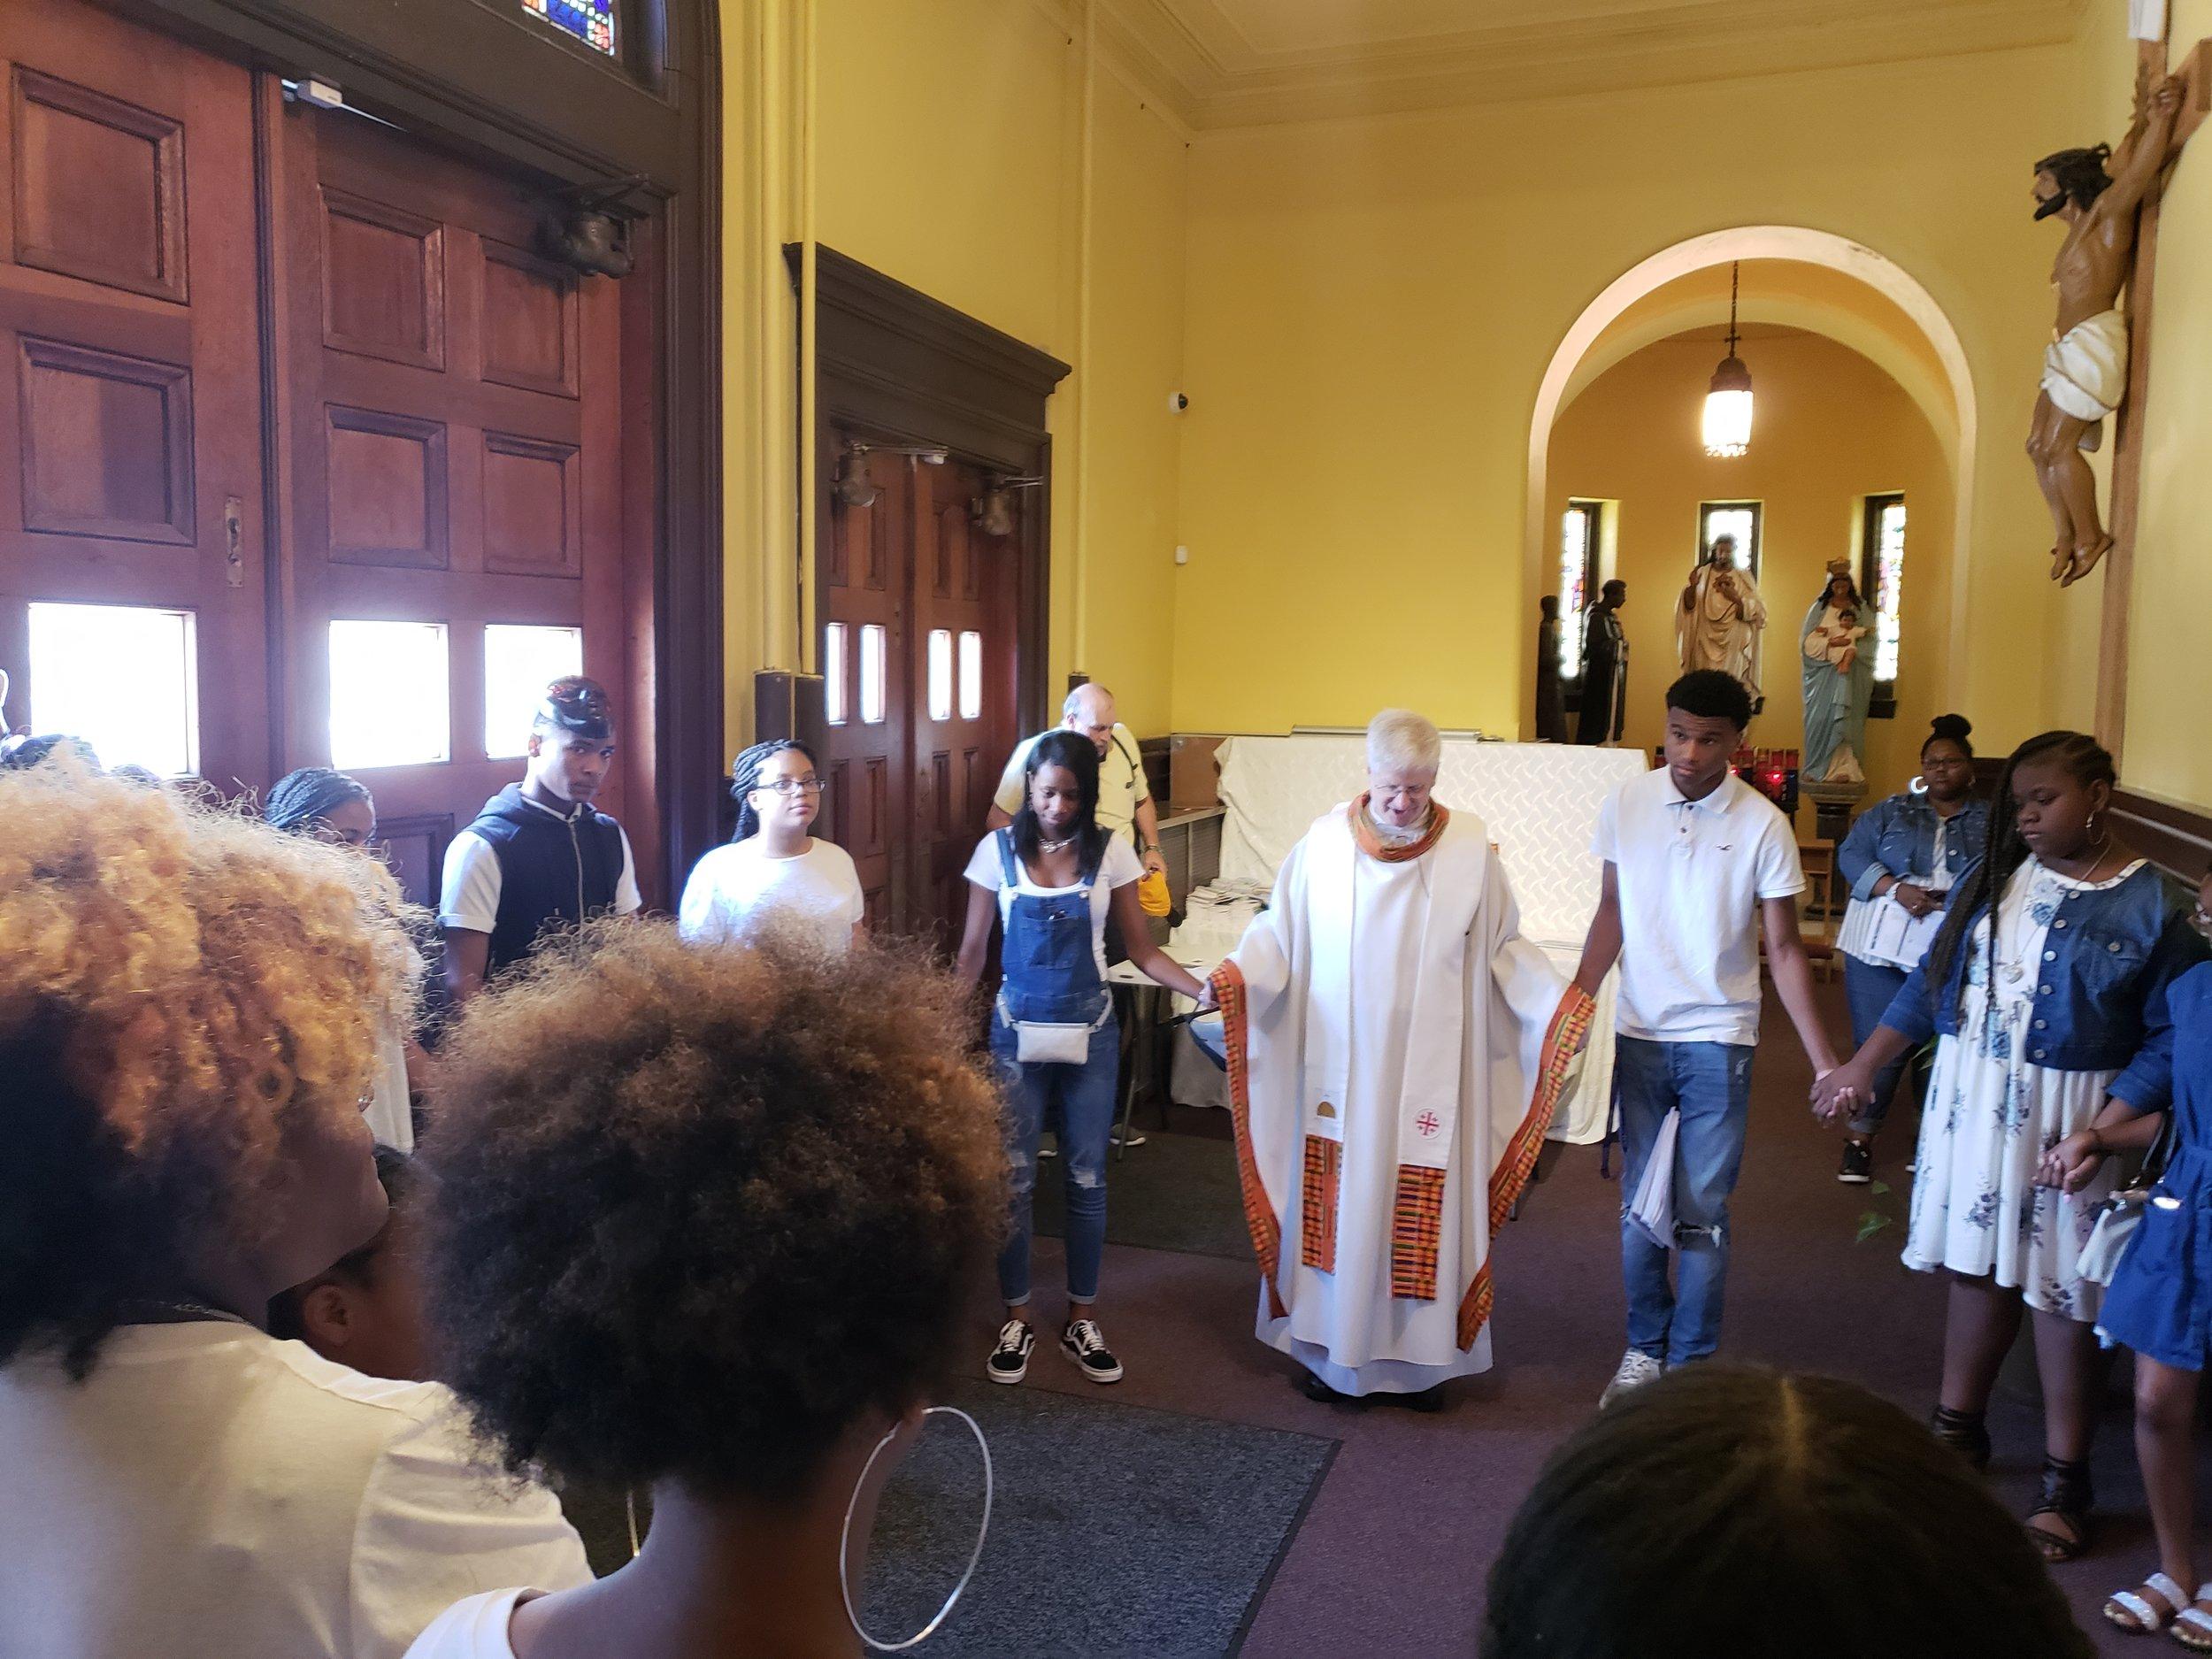 Prayer before mass